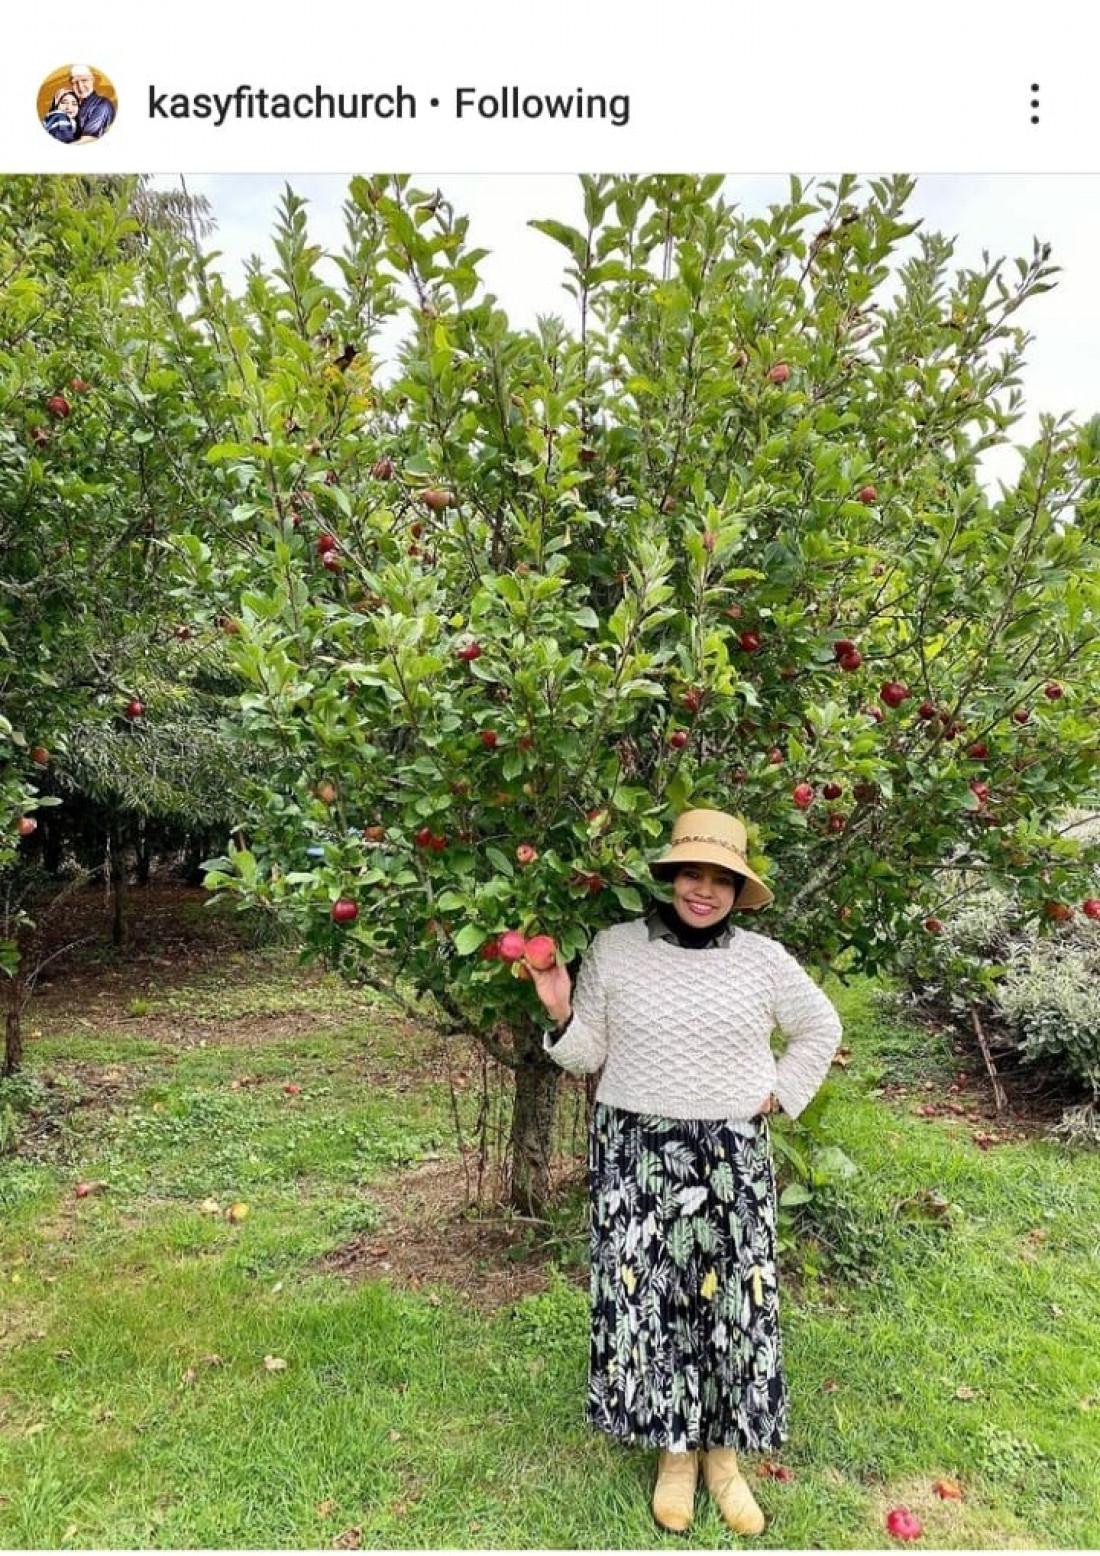 Makan Apel Gratis, Tuh Apelnya Banyak yang Jatuh Sendiri